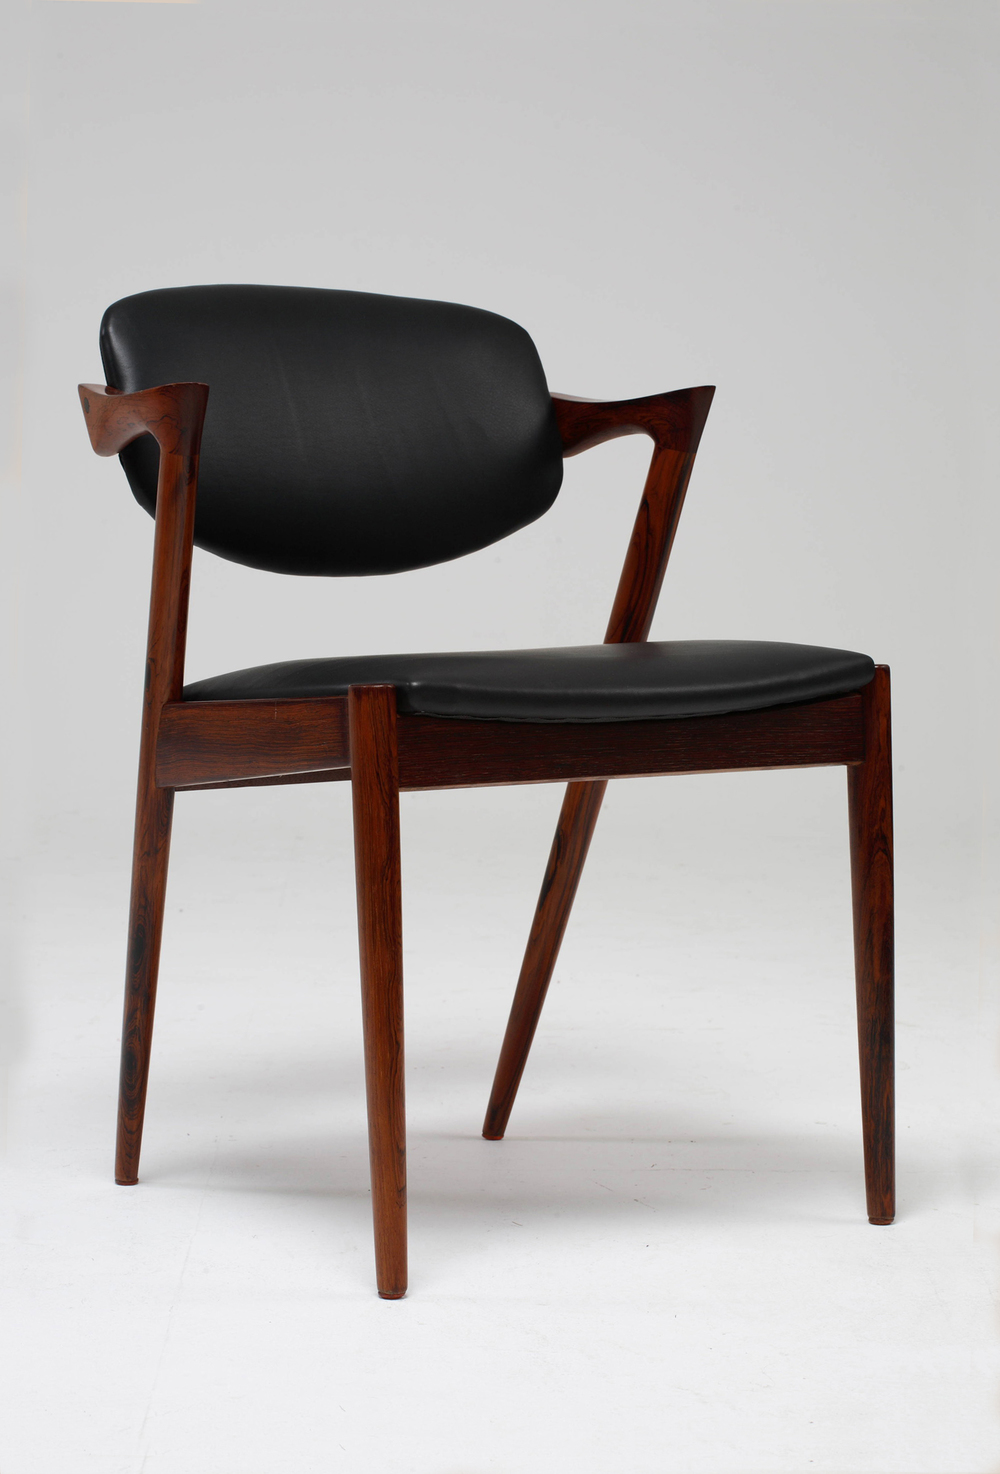 K Kristiansen 1957 Carver •made 1970 - 1990•